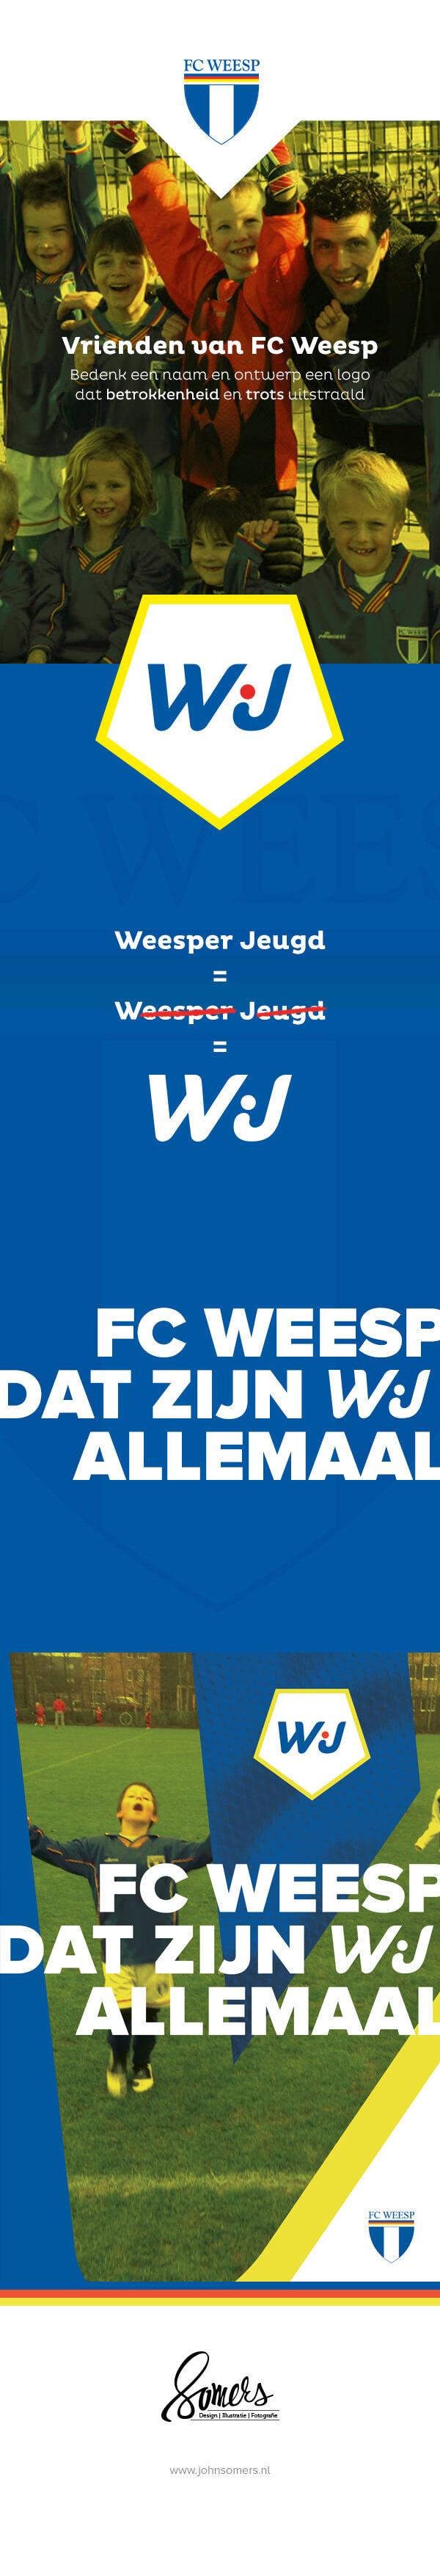 FCWeesp_uitlegplaat